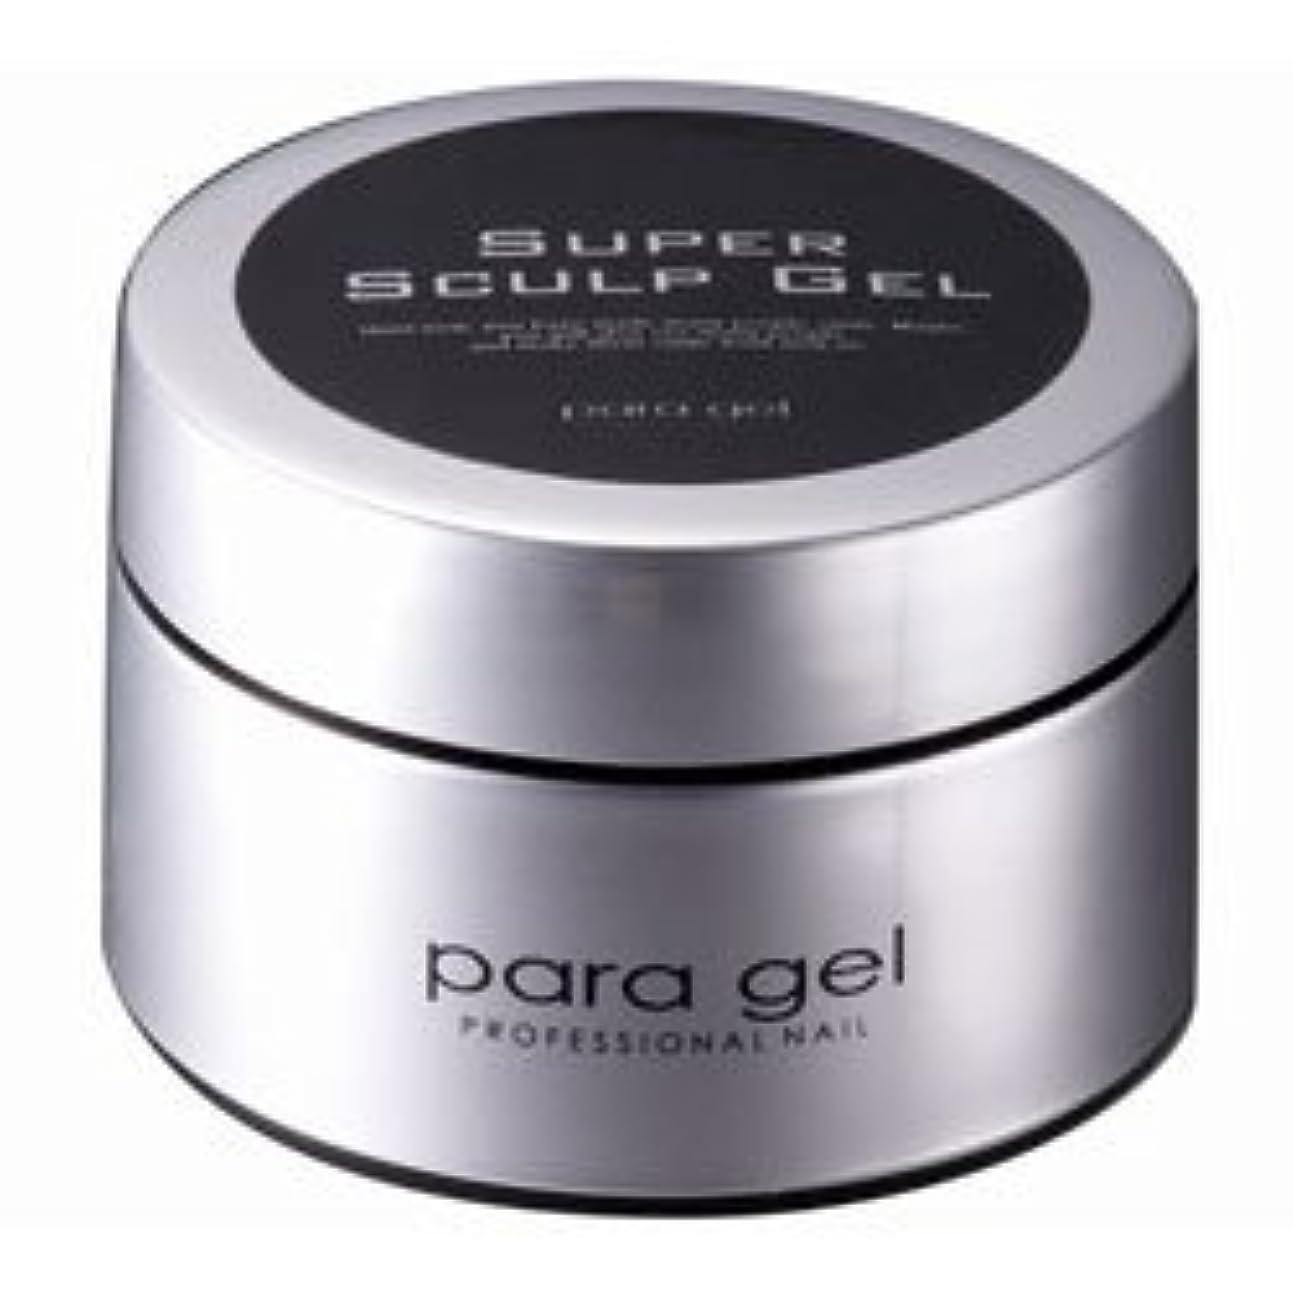 ブラウン分離する大通り★para gel(パラジェル) <BR>スーパースカルプジェル クリア 25g